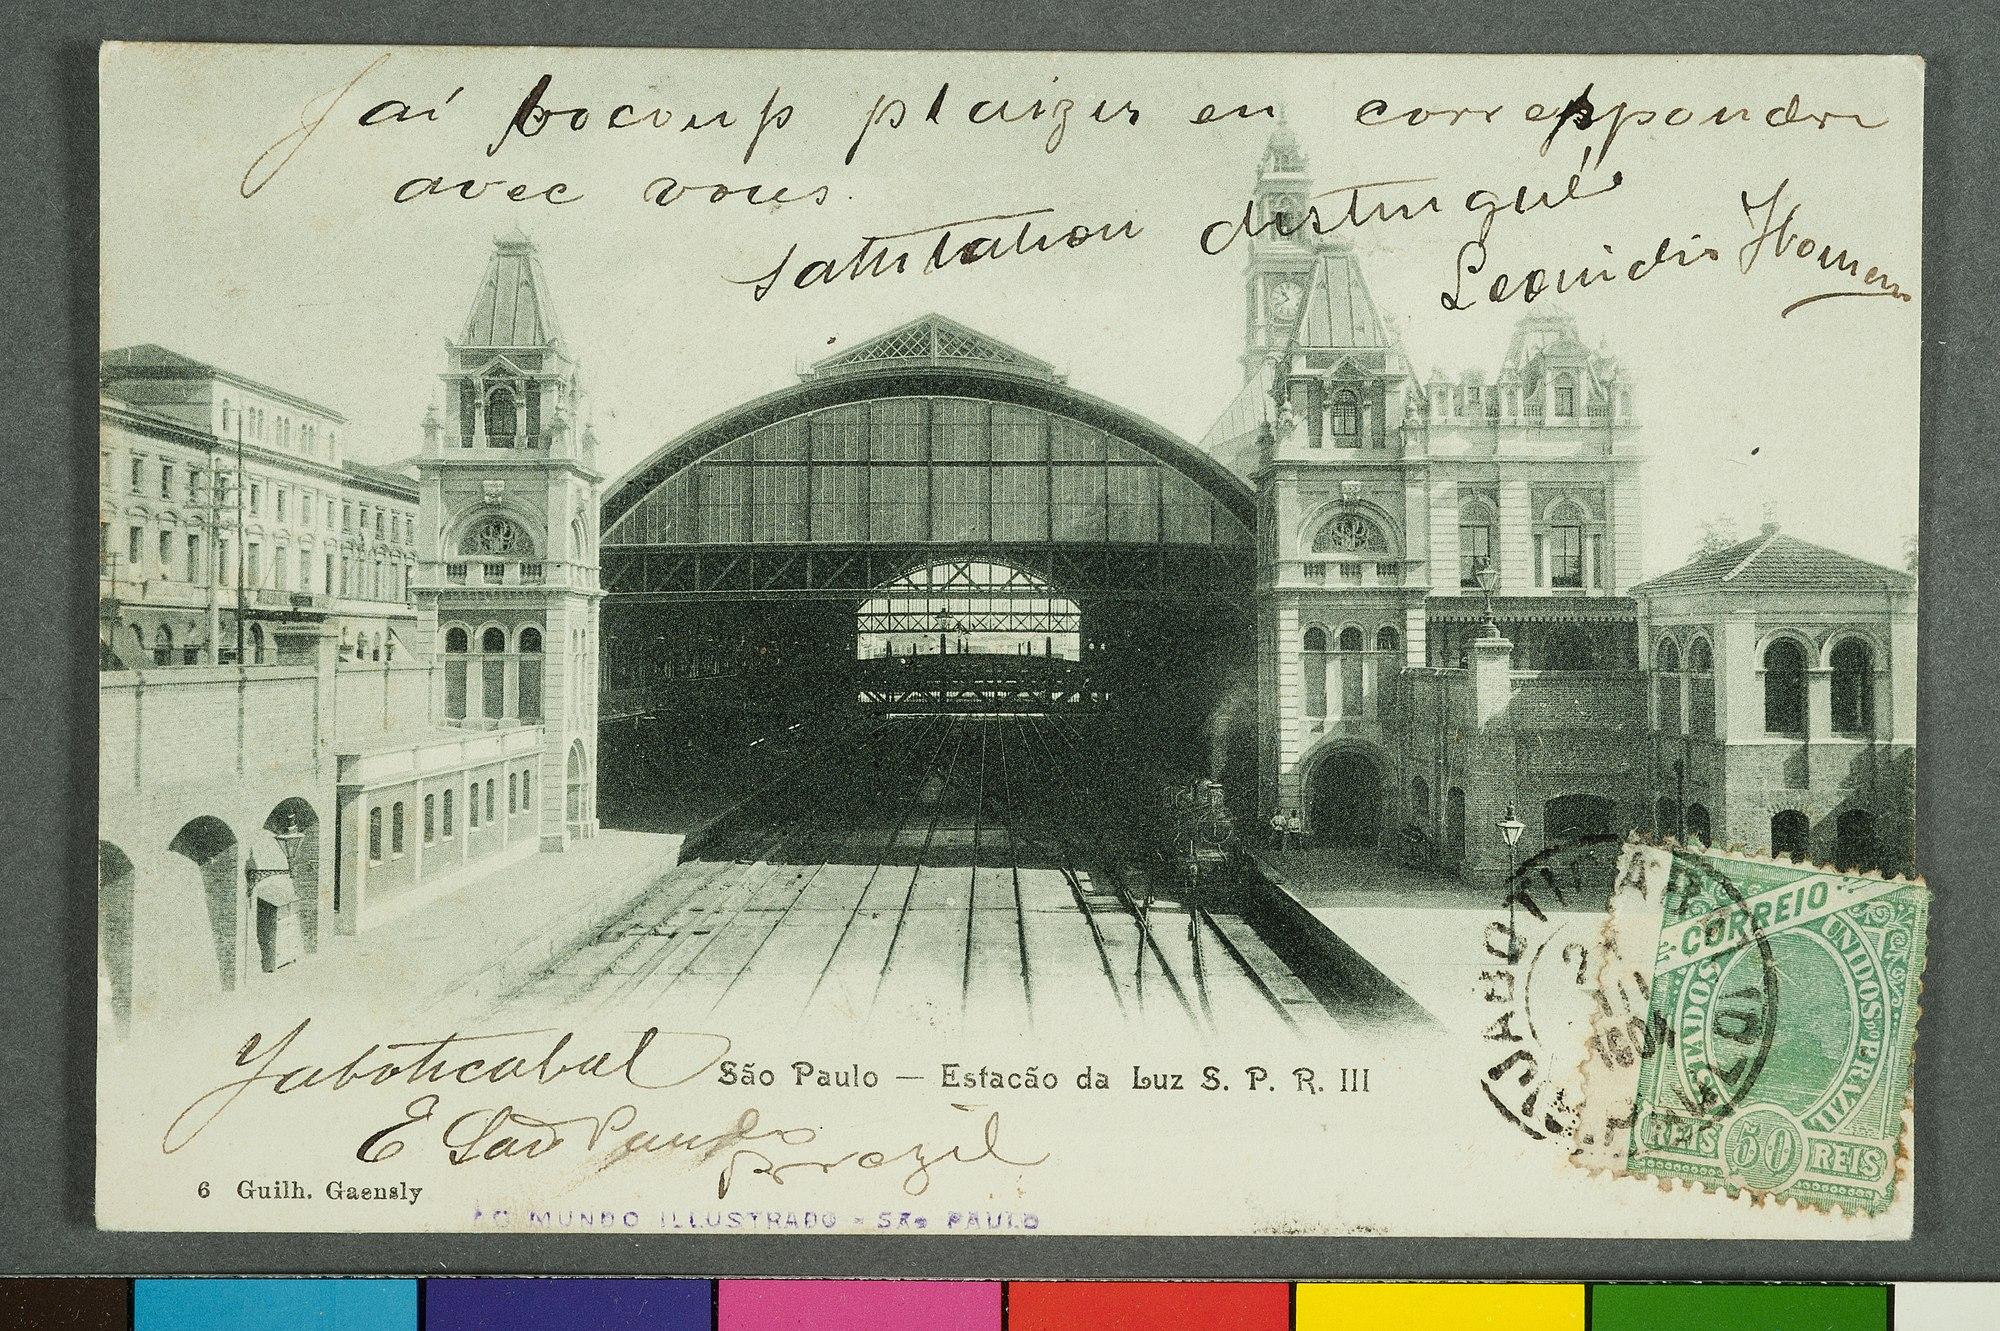 São Paulo - Estação da Luz S.P.R. III